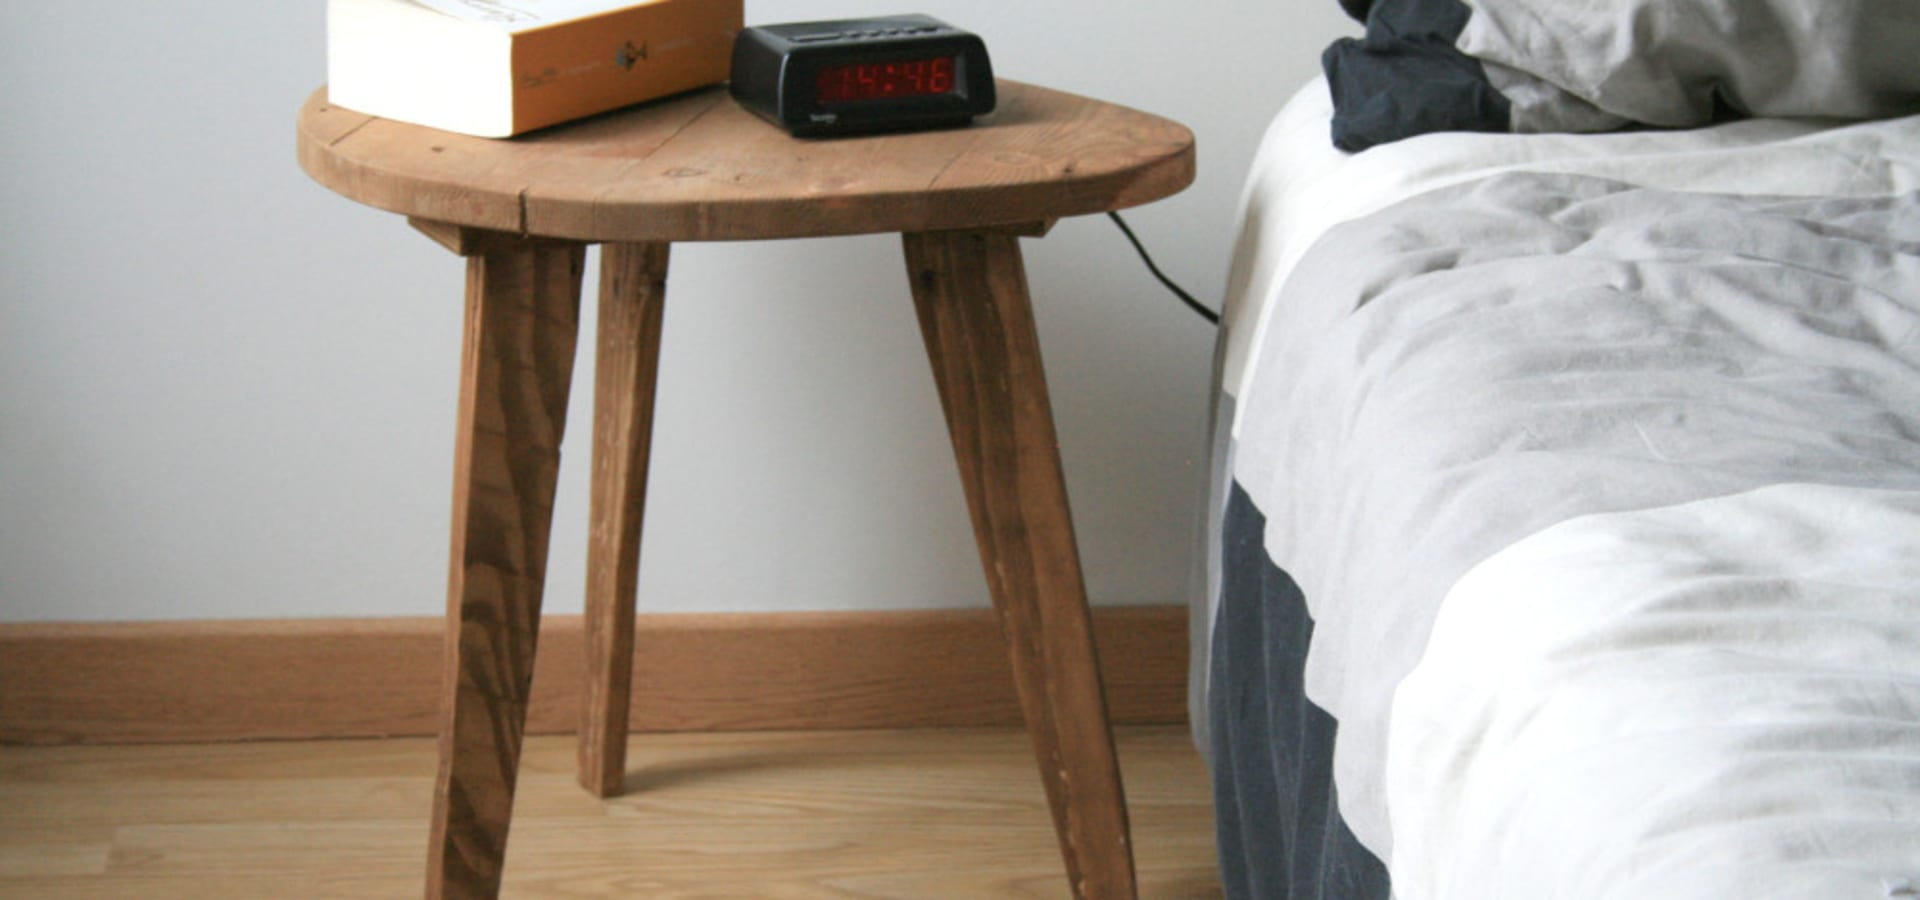 Petite Table De Nuit Bois table de chevet / petite table basse en bois de récupération